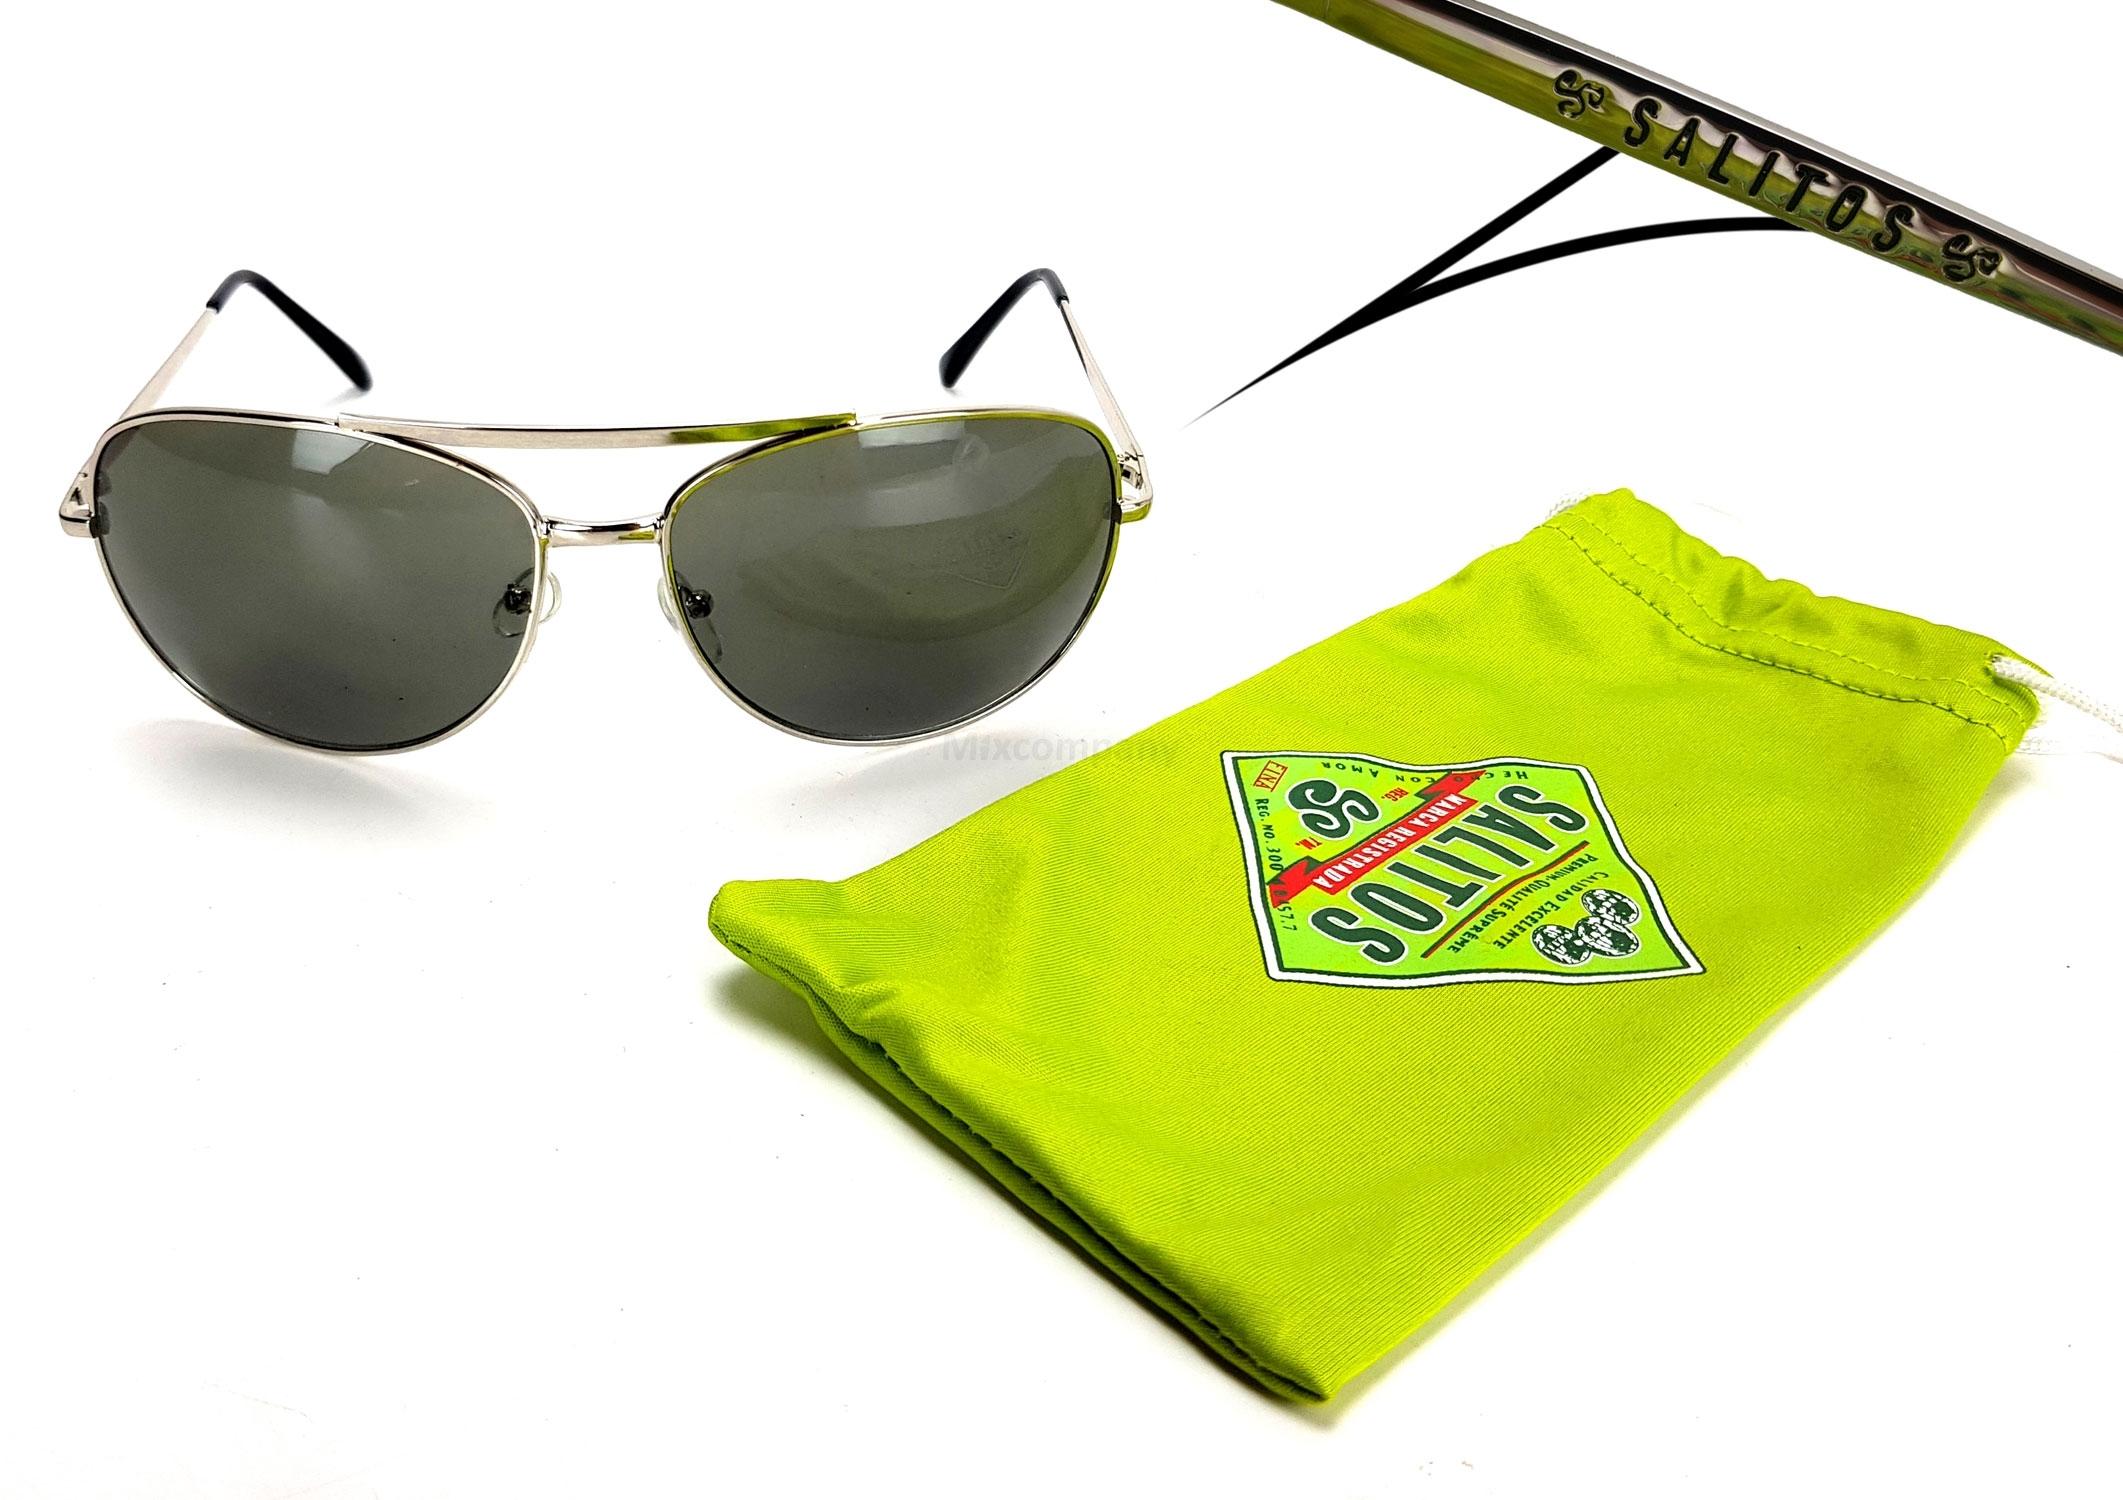 Salitos Sonnenbrille Party Flieger Brille mit Metall gestell und Etui in grün - mit 400 UV Schutz